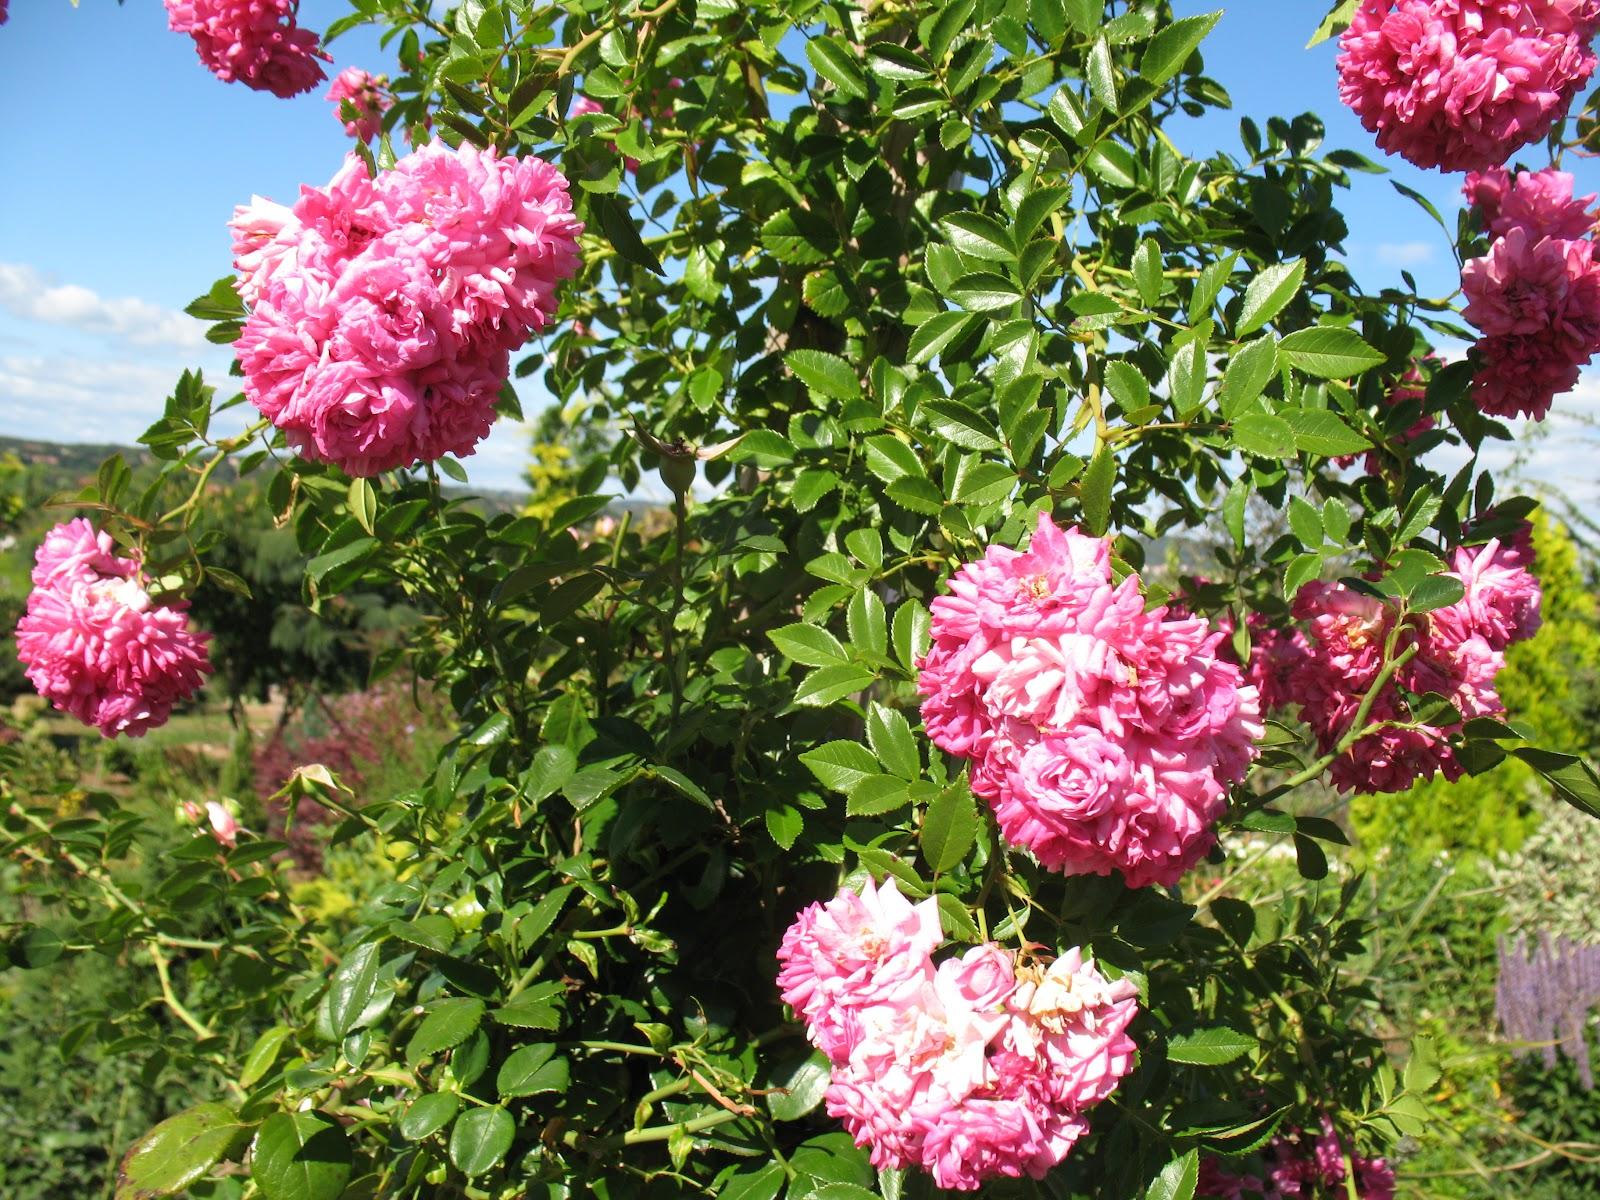 roses du jardin ch neland rosier dorothy perkins. Black Bedroom Furniture Sets. Home Design Ideas